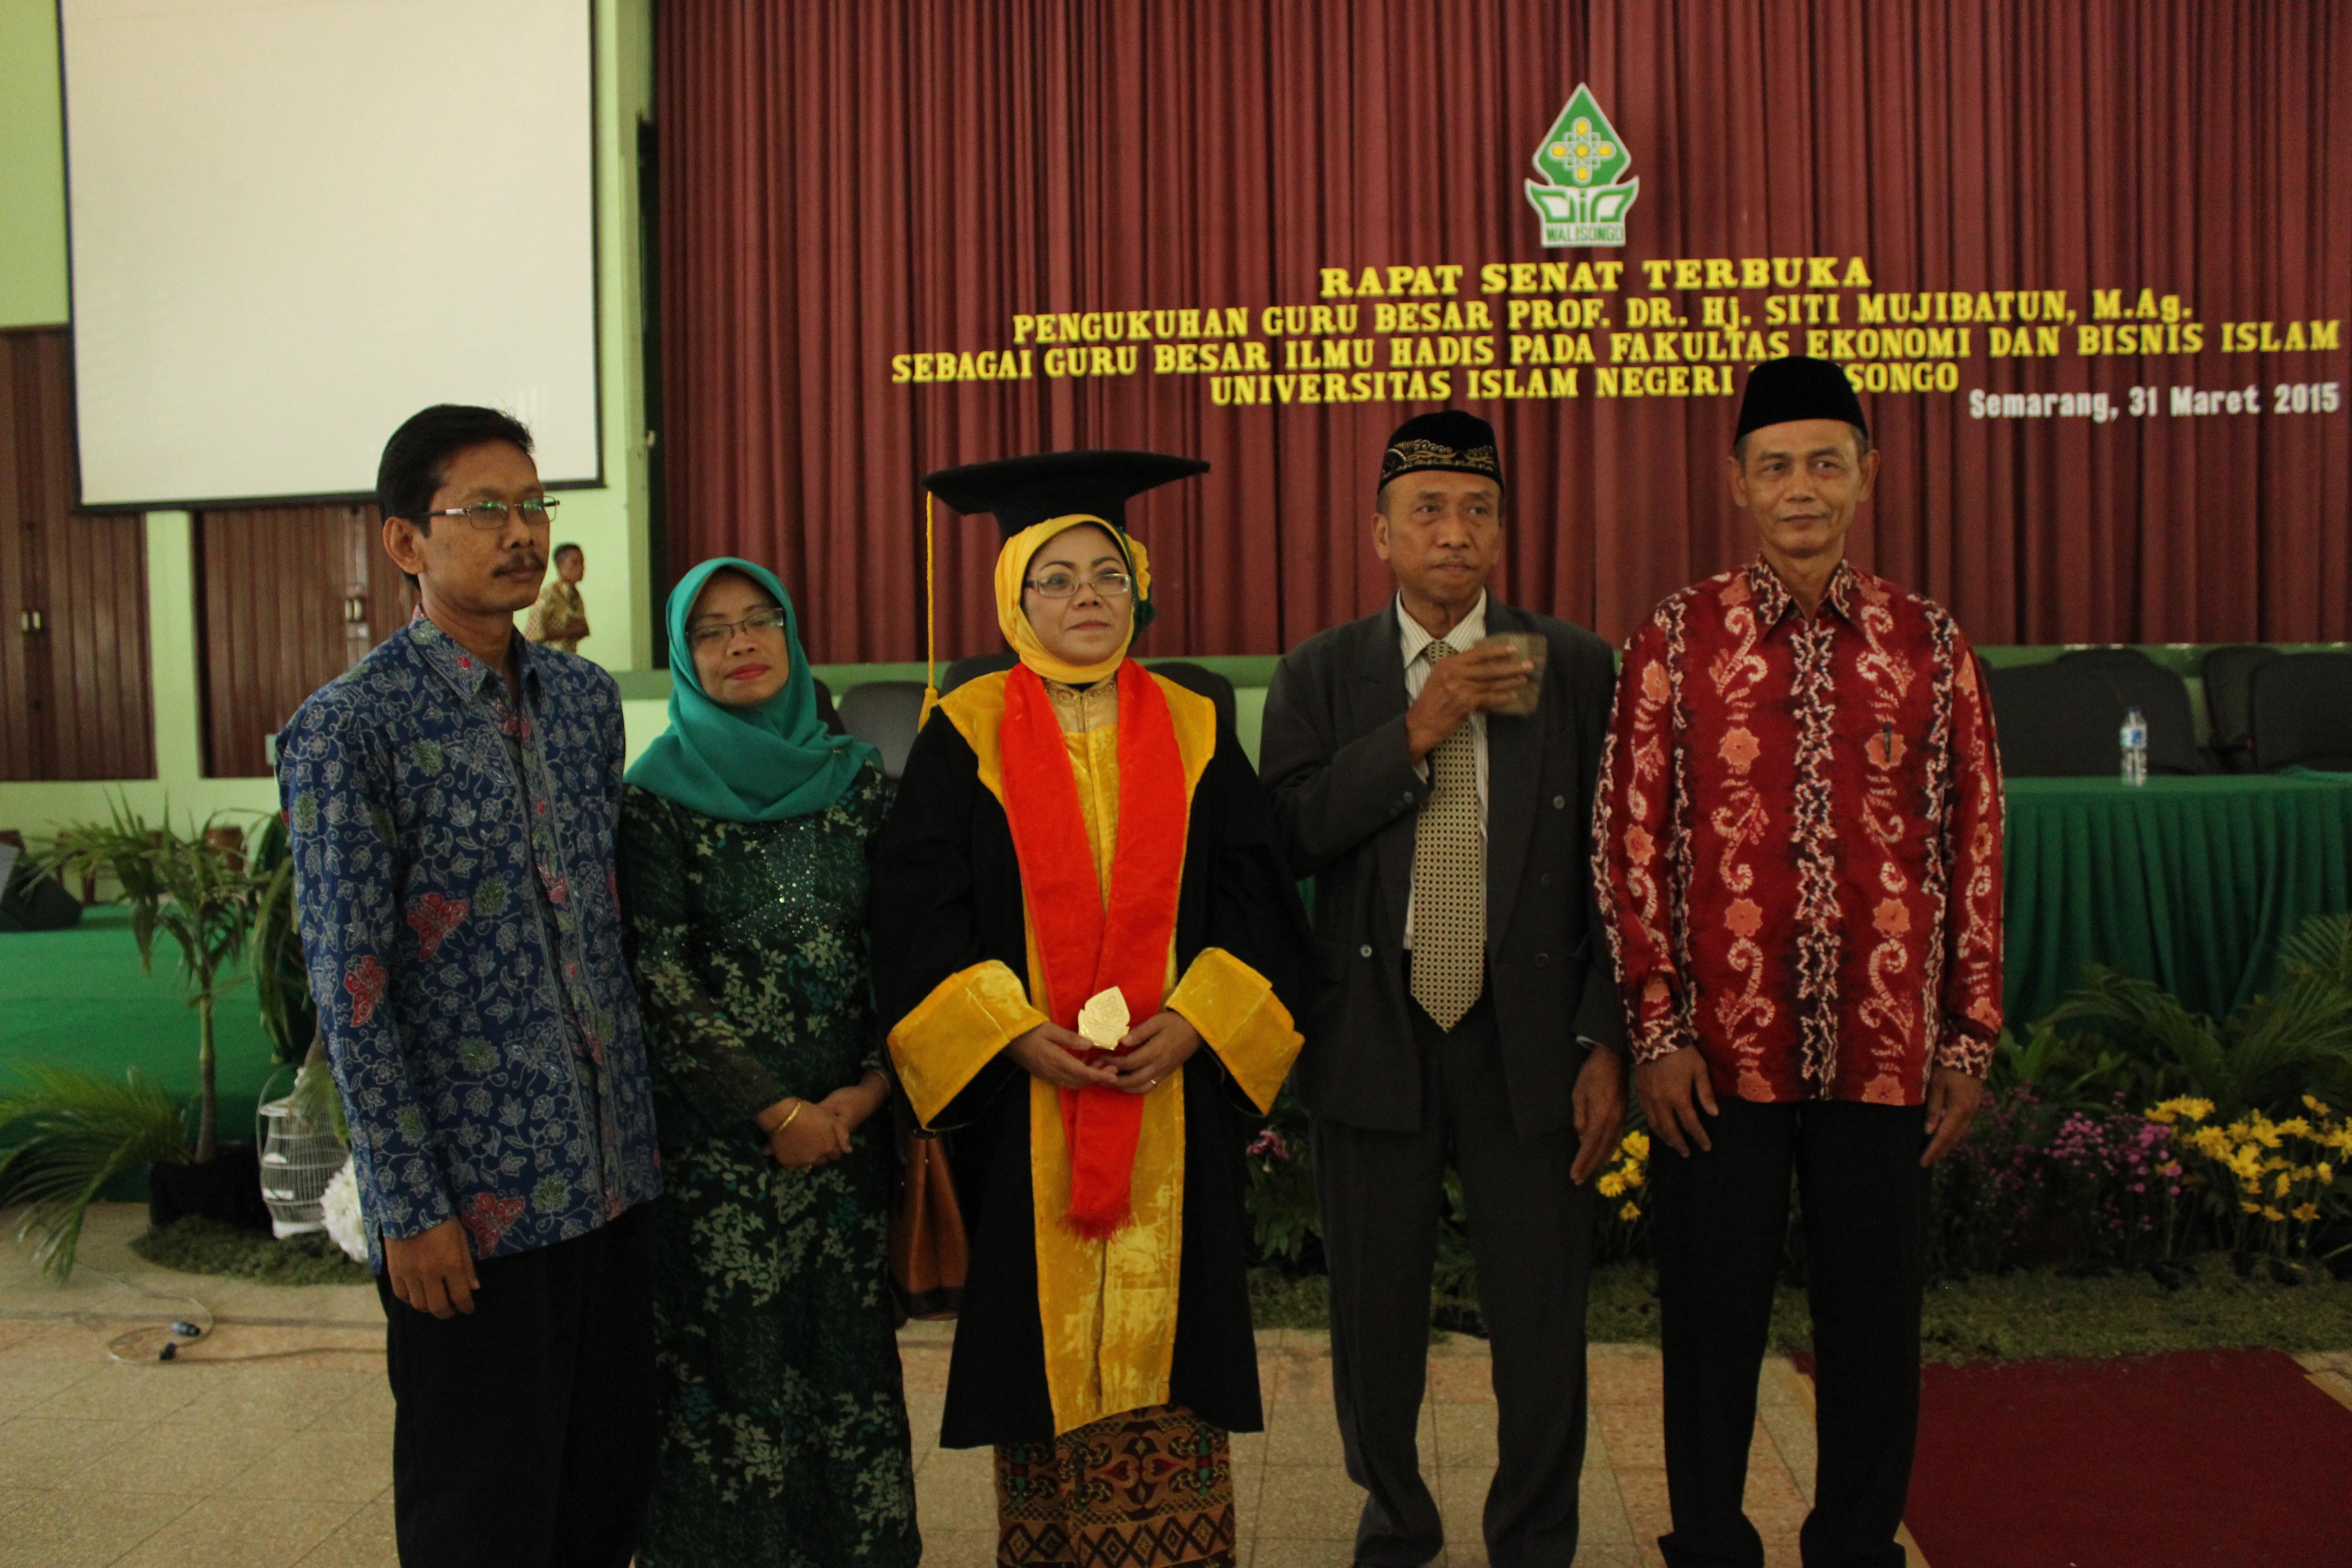 Siti Mujibatun, Mantan TKW Jadi Guru Besar UIN Walisongo Semarang